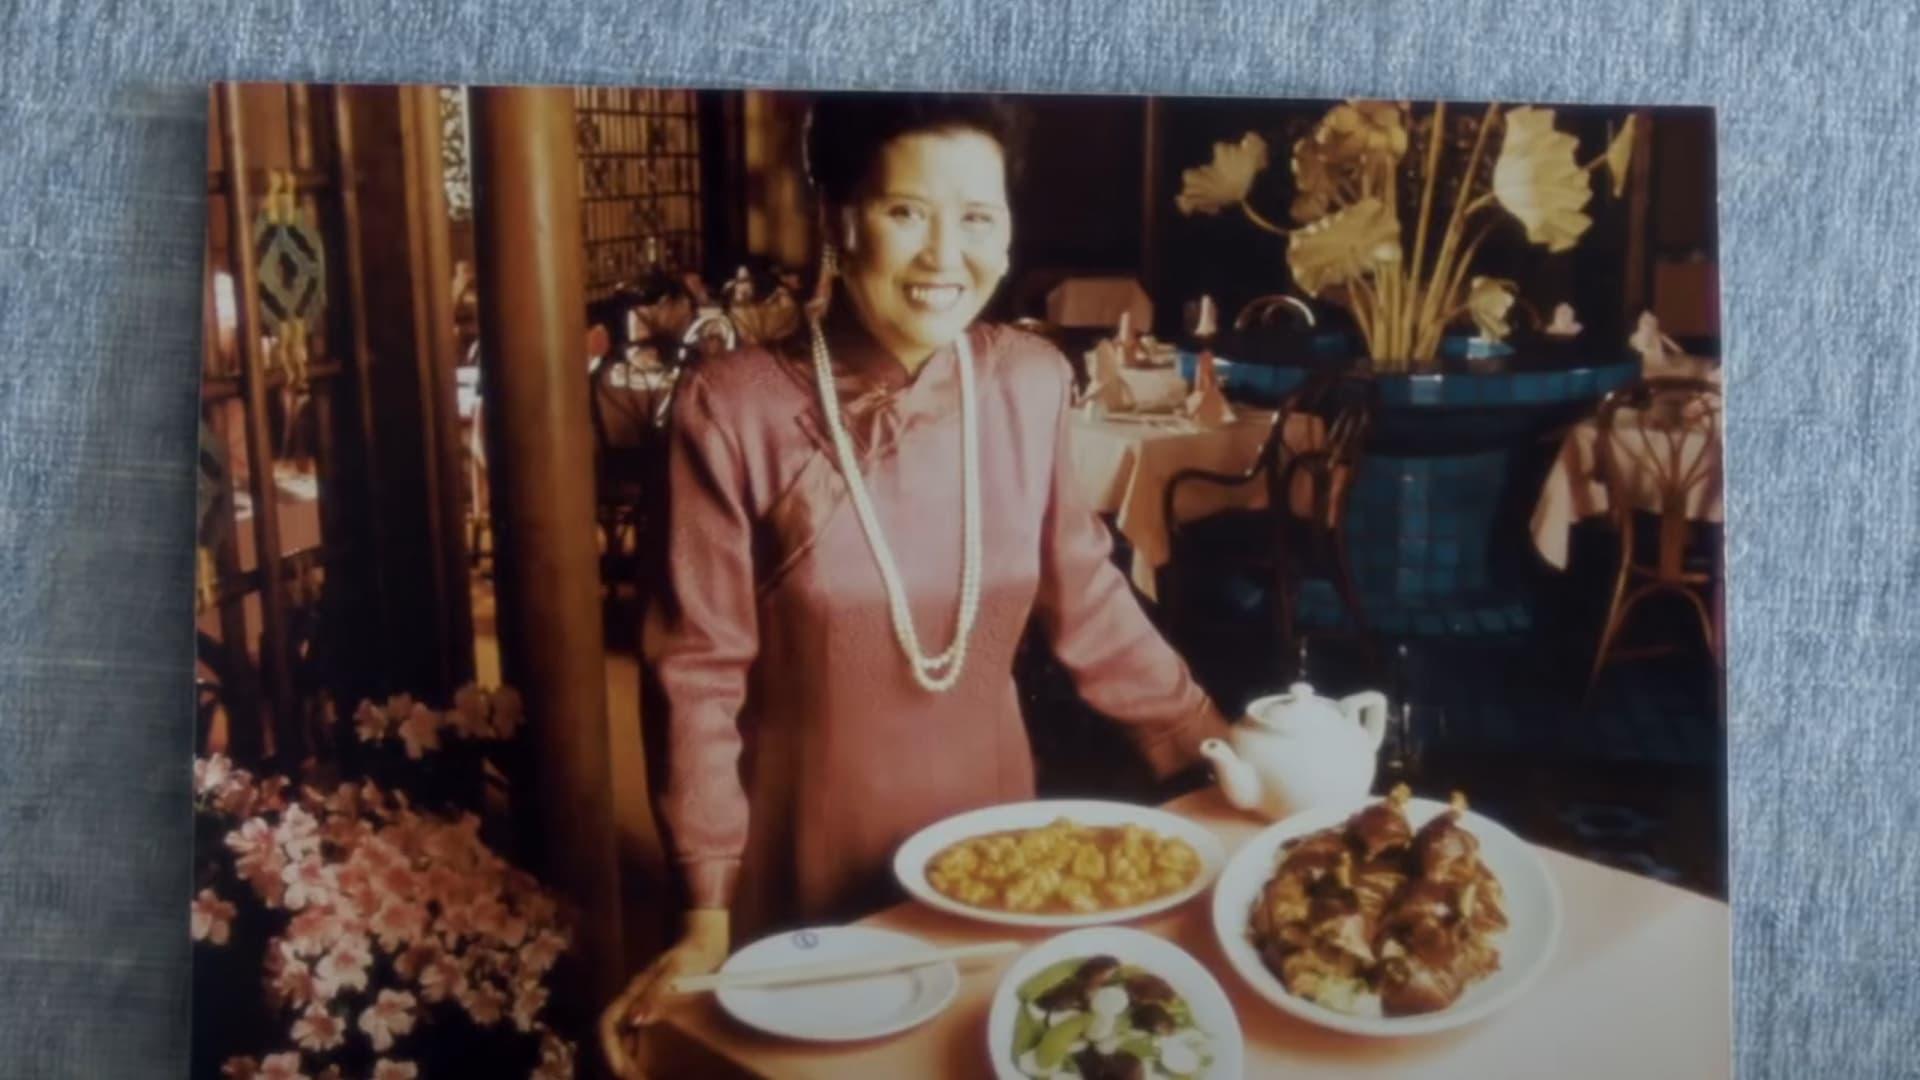 إدمان الأمريكيين على الطعام الصيني..سببه امرأة واحدة